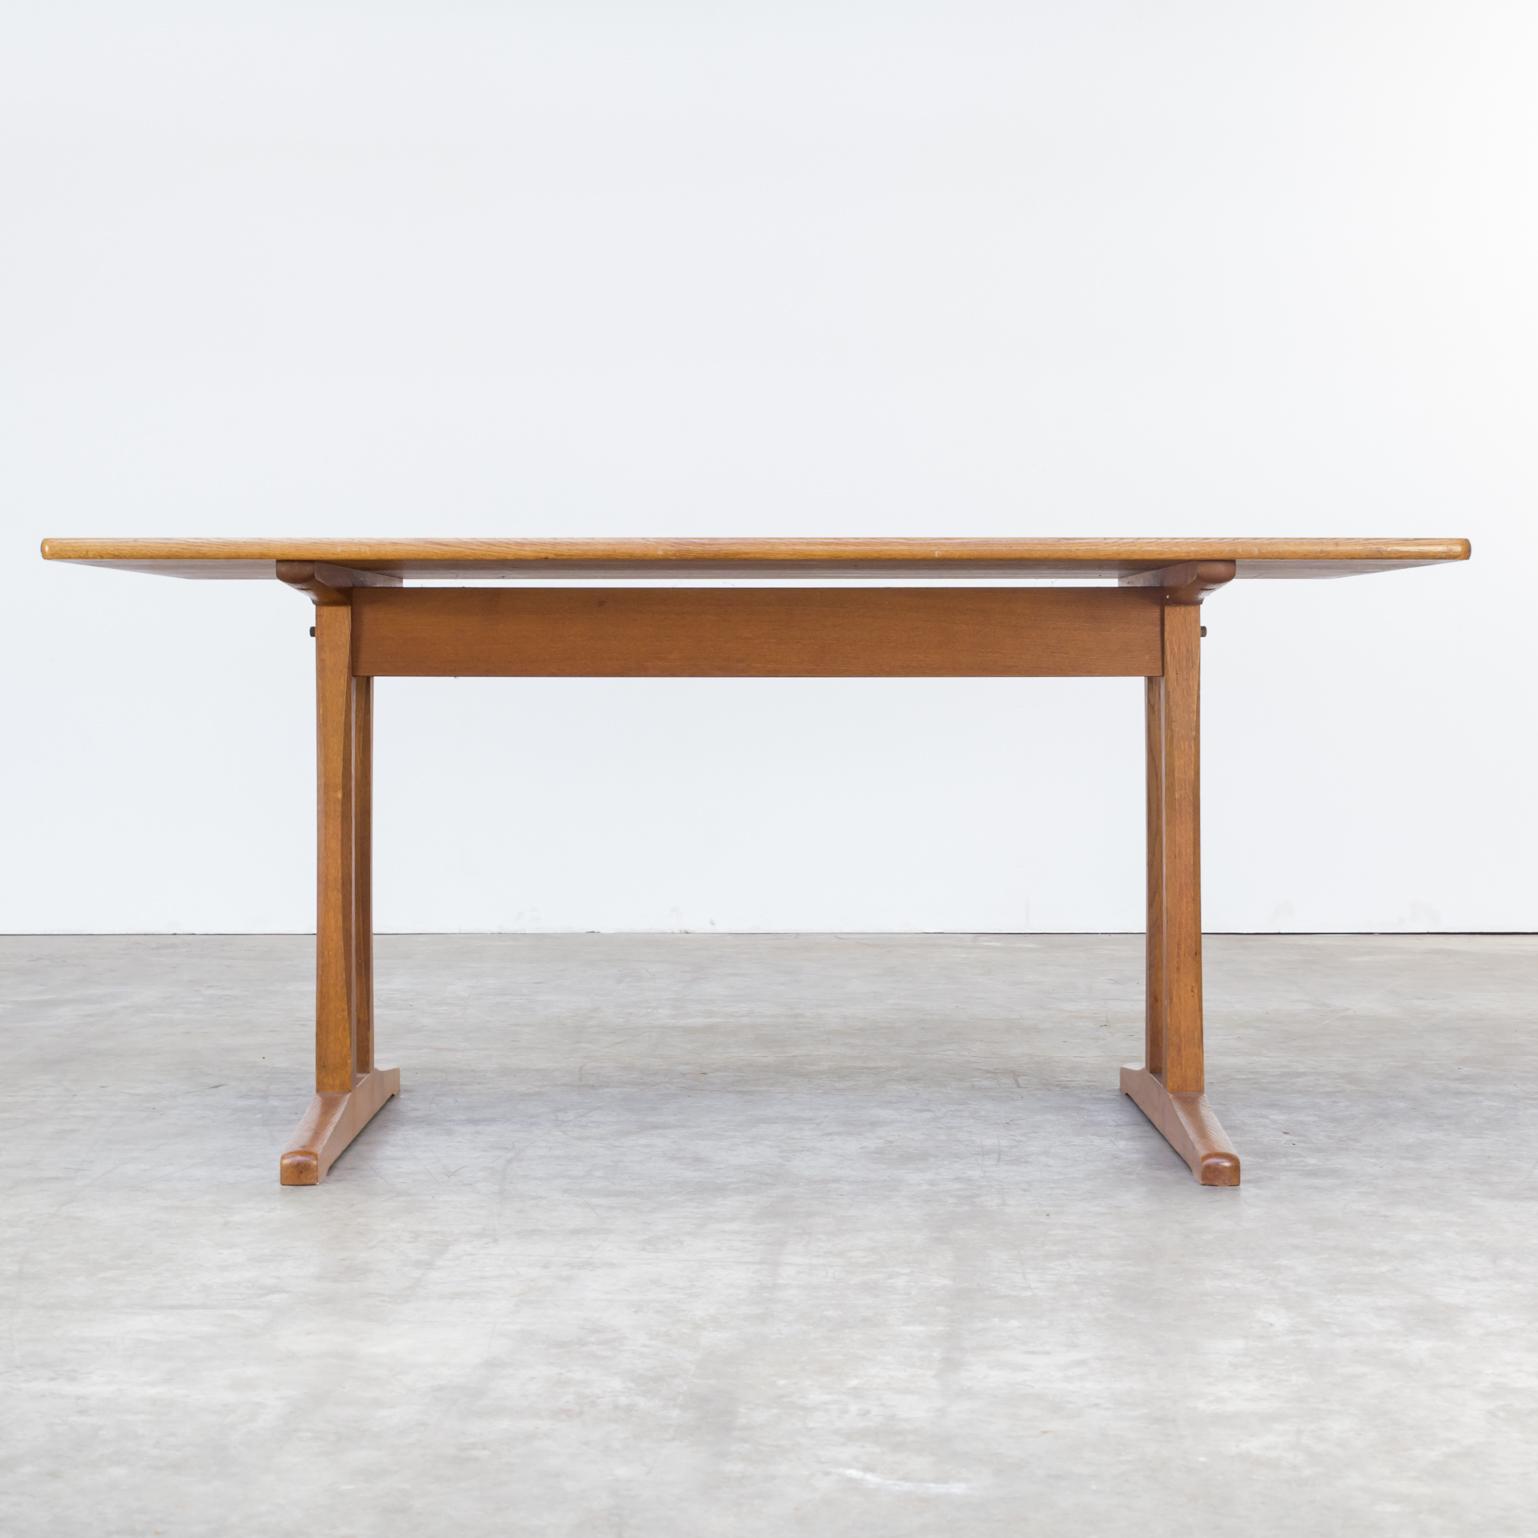 Fremragende Børge Mogensen C18 shaker table for FDB Møbler | BarbMama IC32